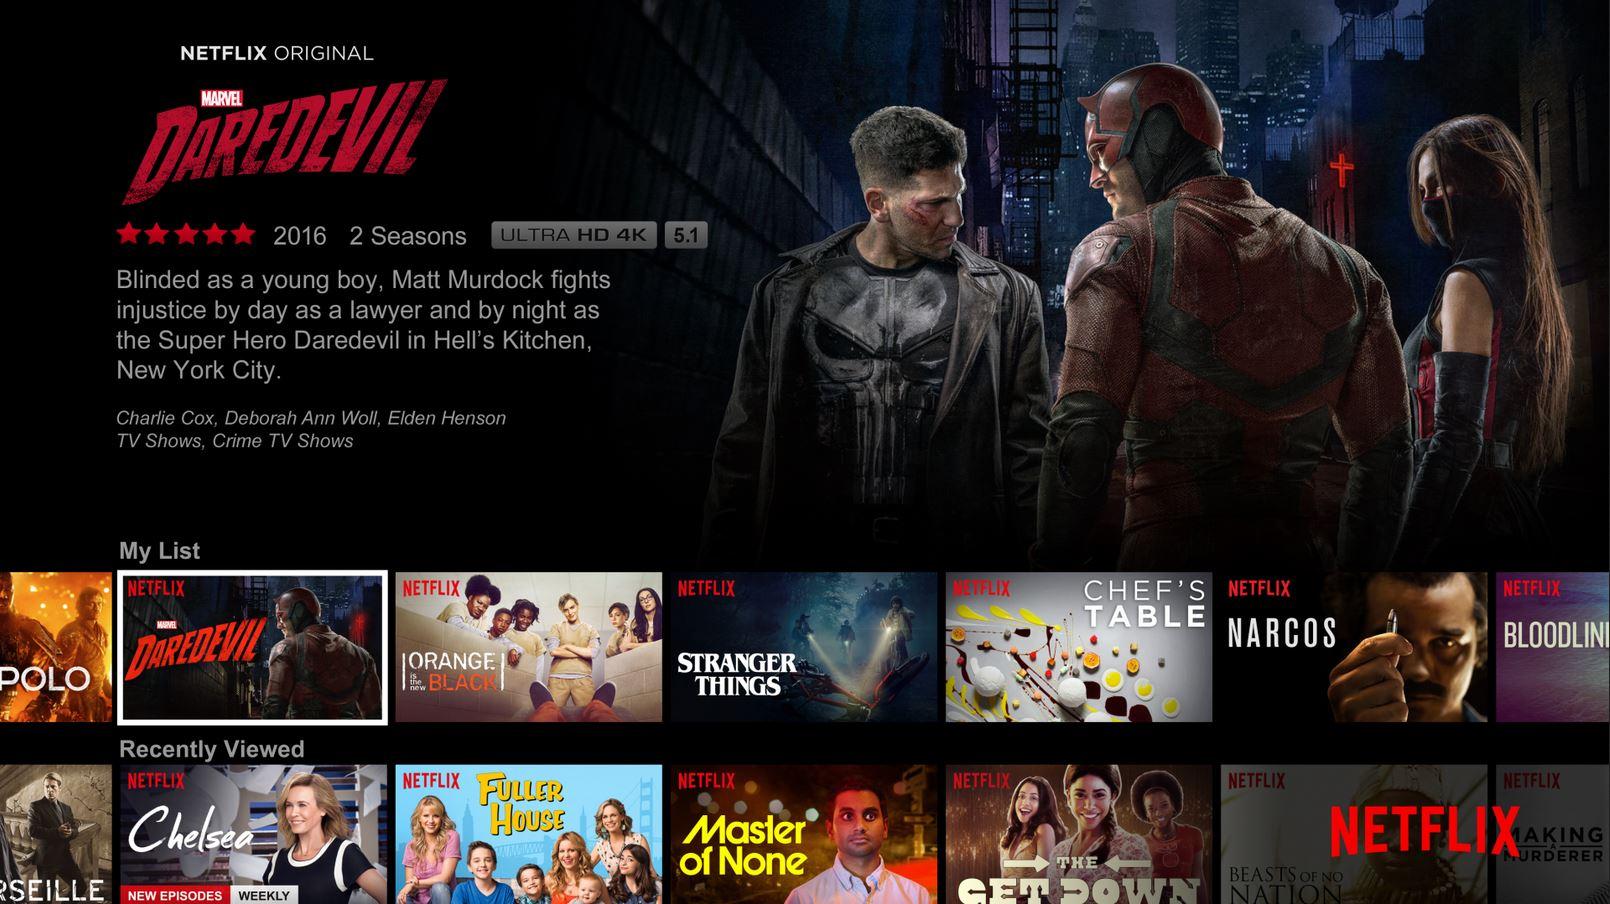 A Netflix content page